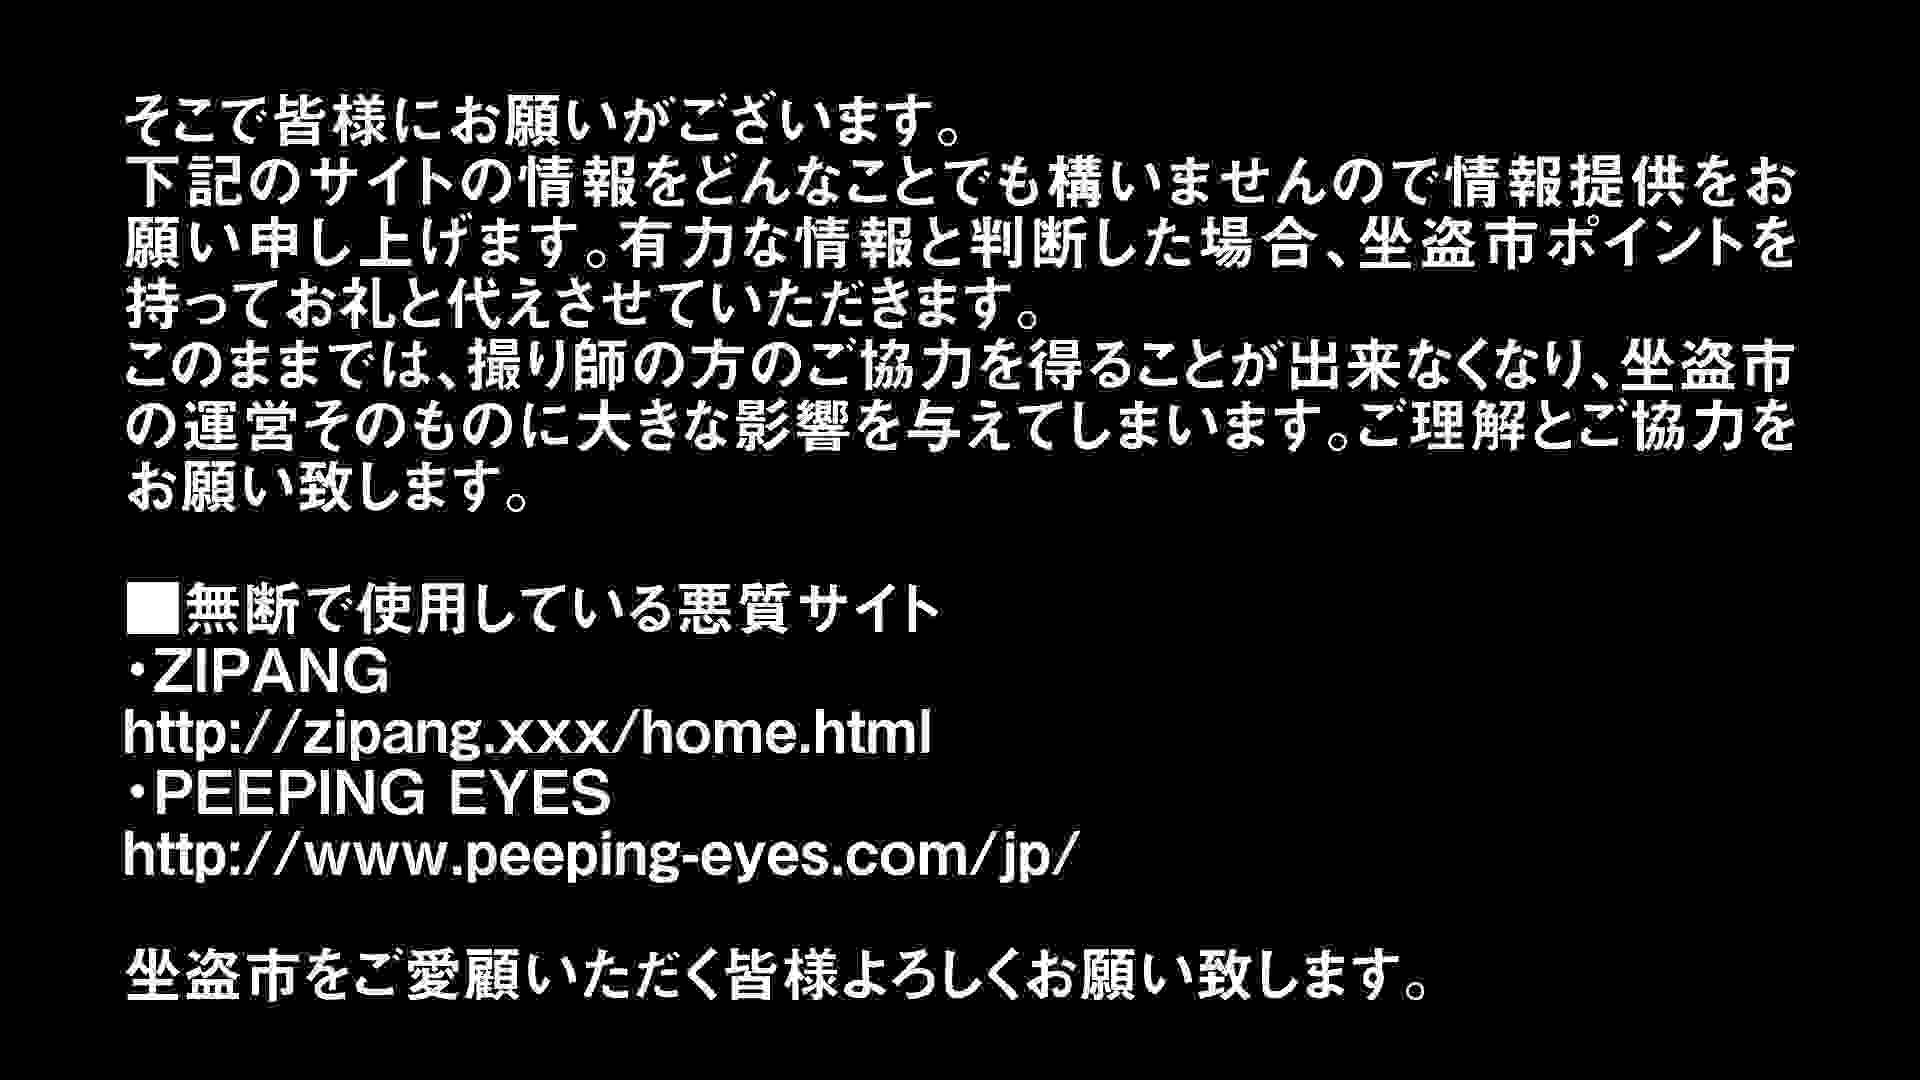 Aquaな露天風呂Vol.299 OLのエロ生活 | 盗撮  53連発 16